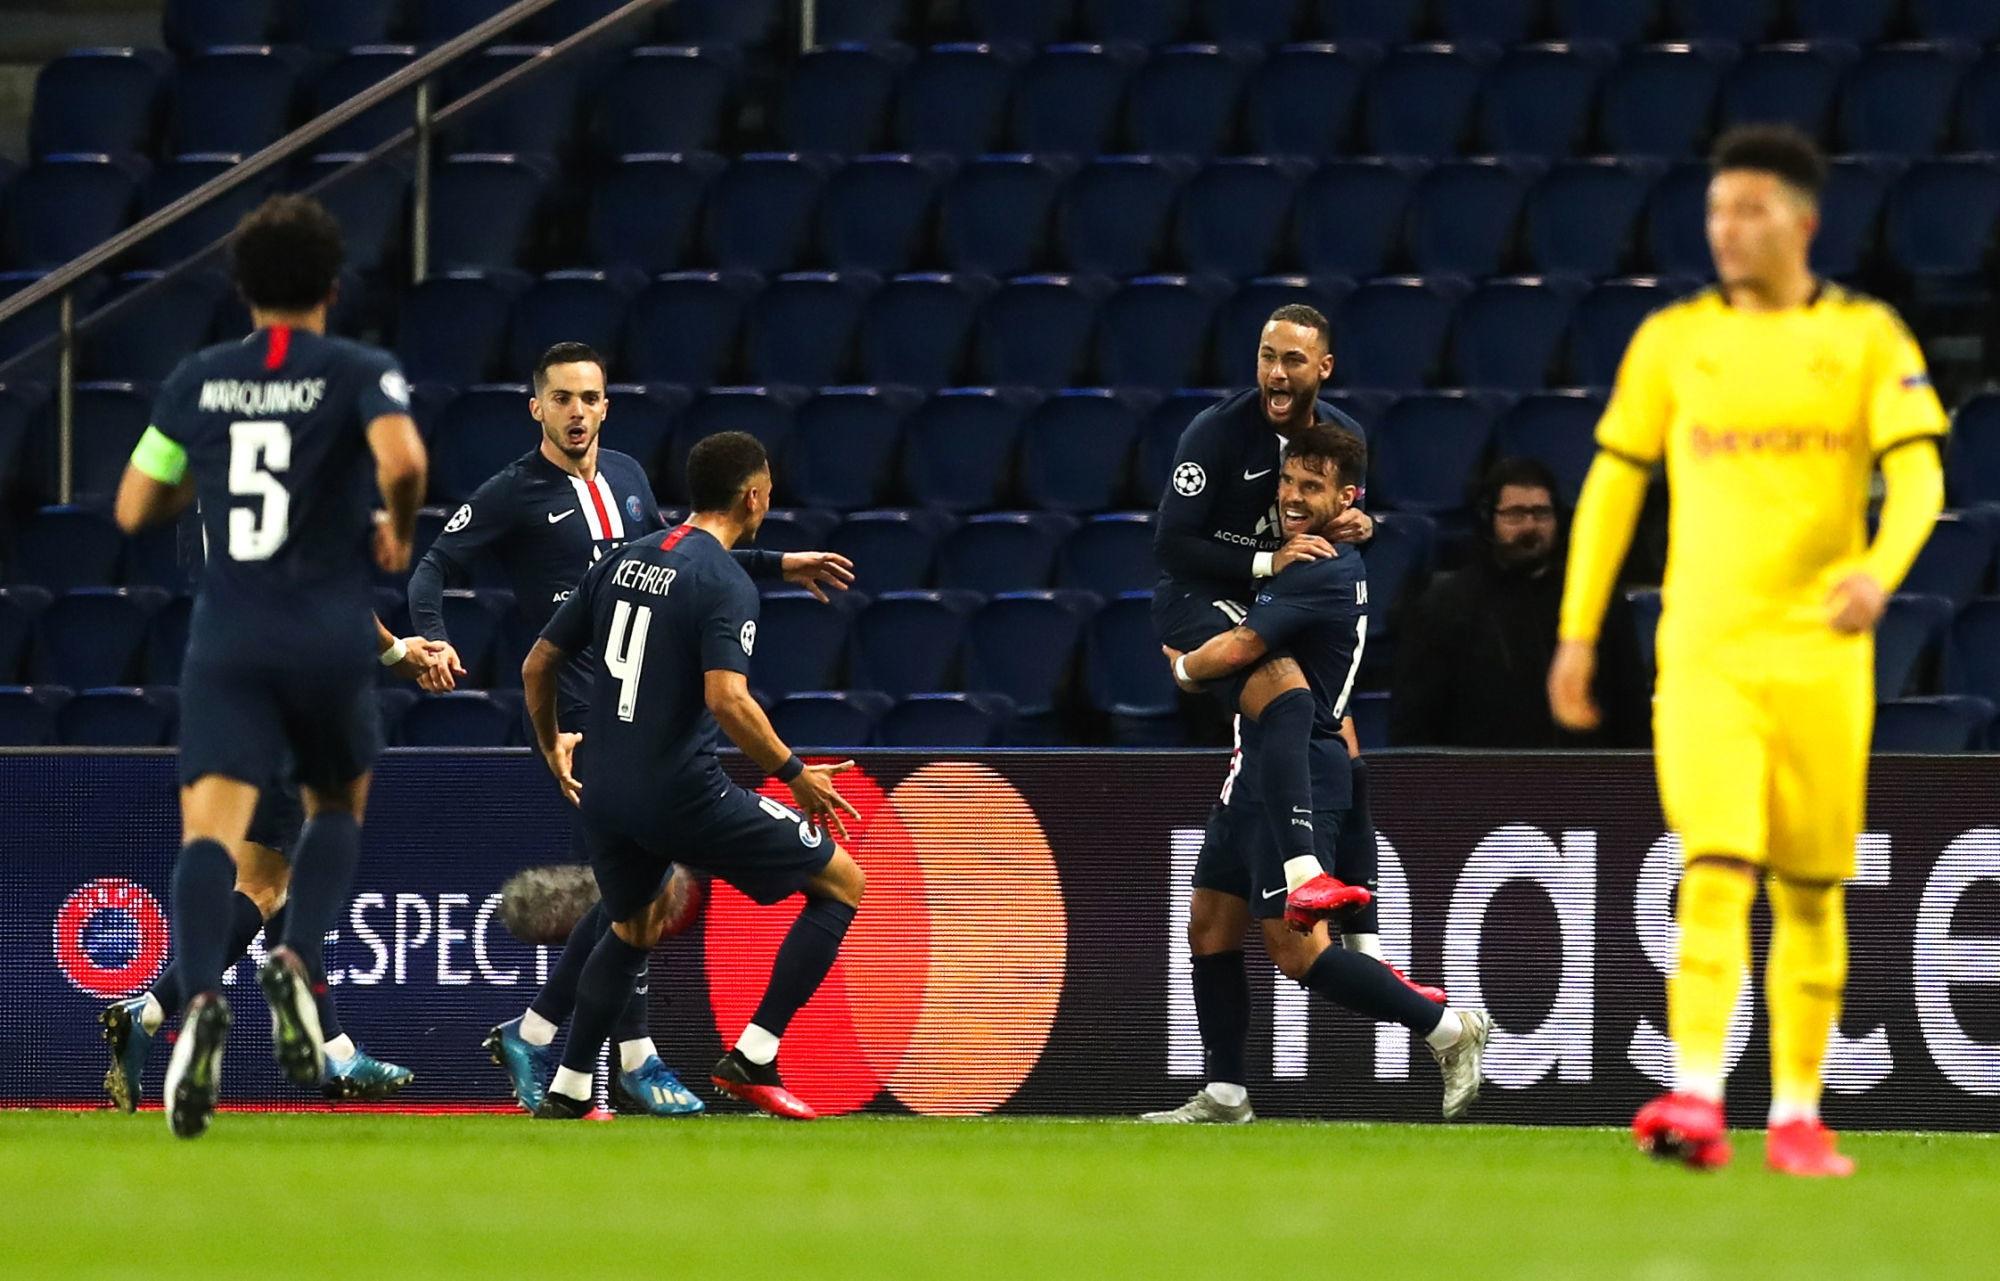 Sarabia évoque ses deux moments préférés au PSG, dont la victoire contre Dortmund